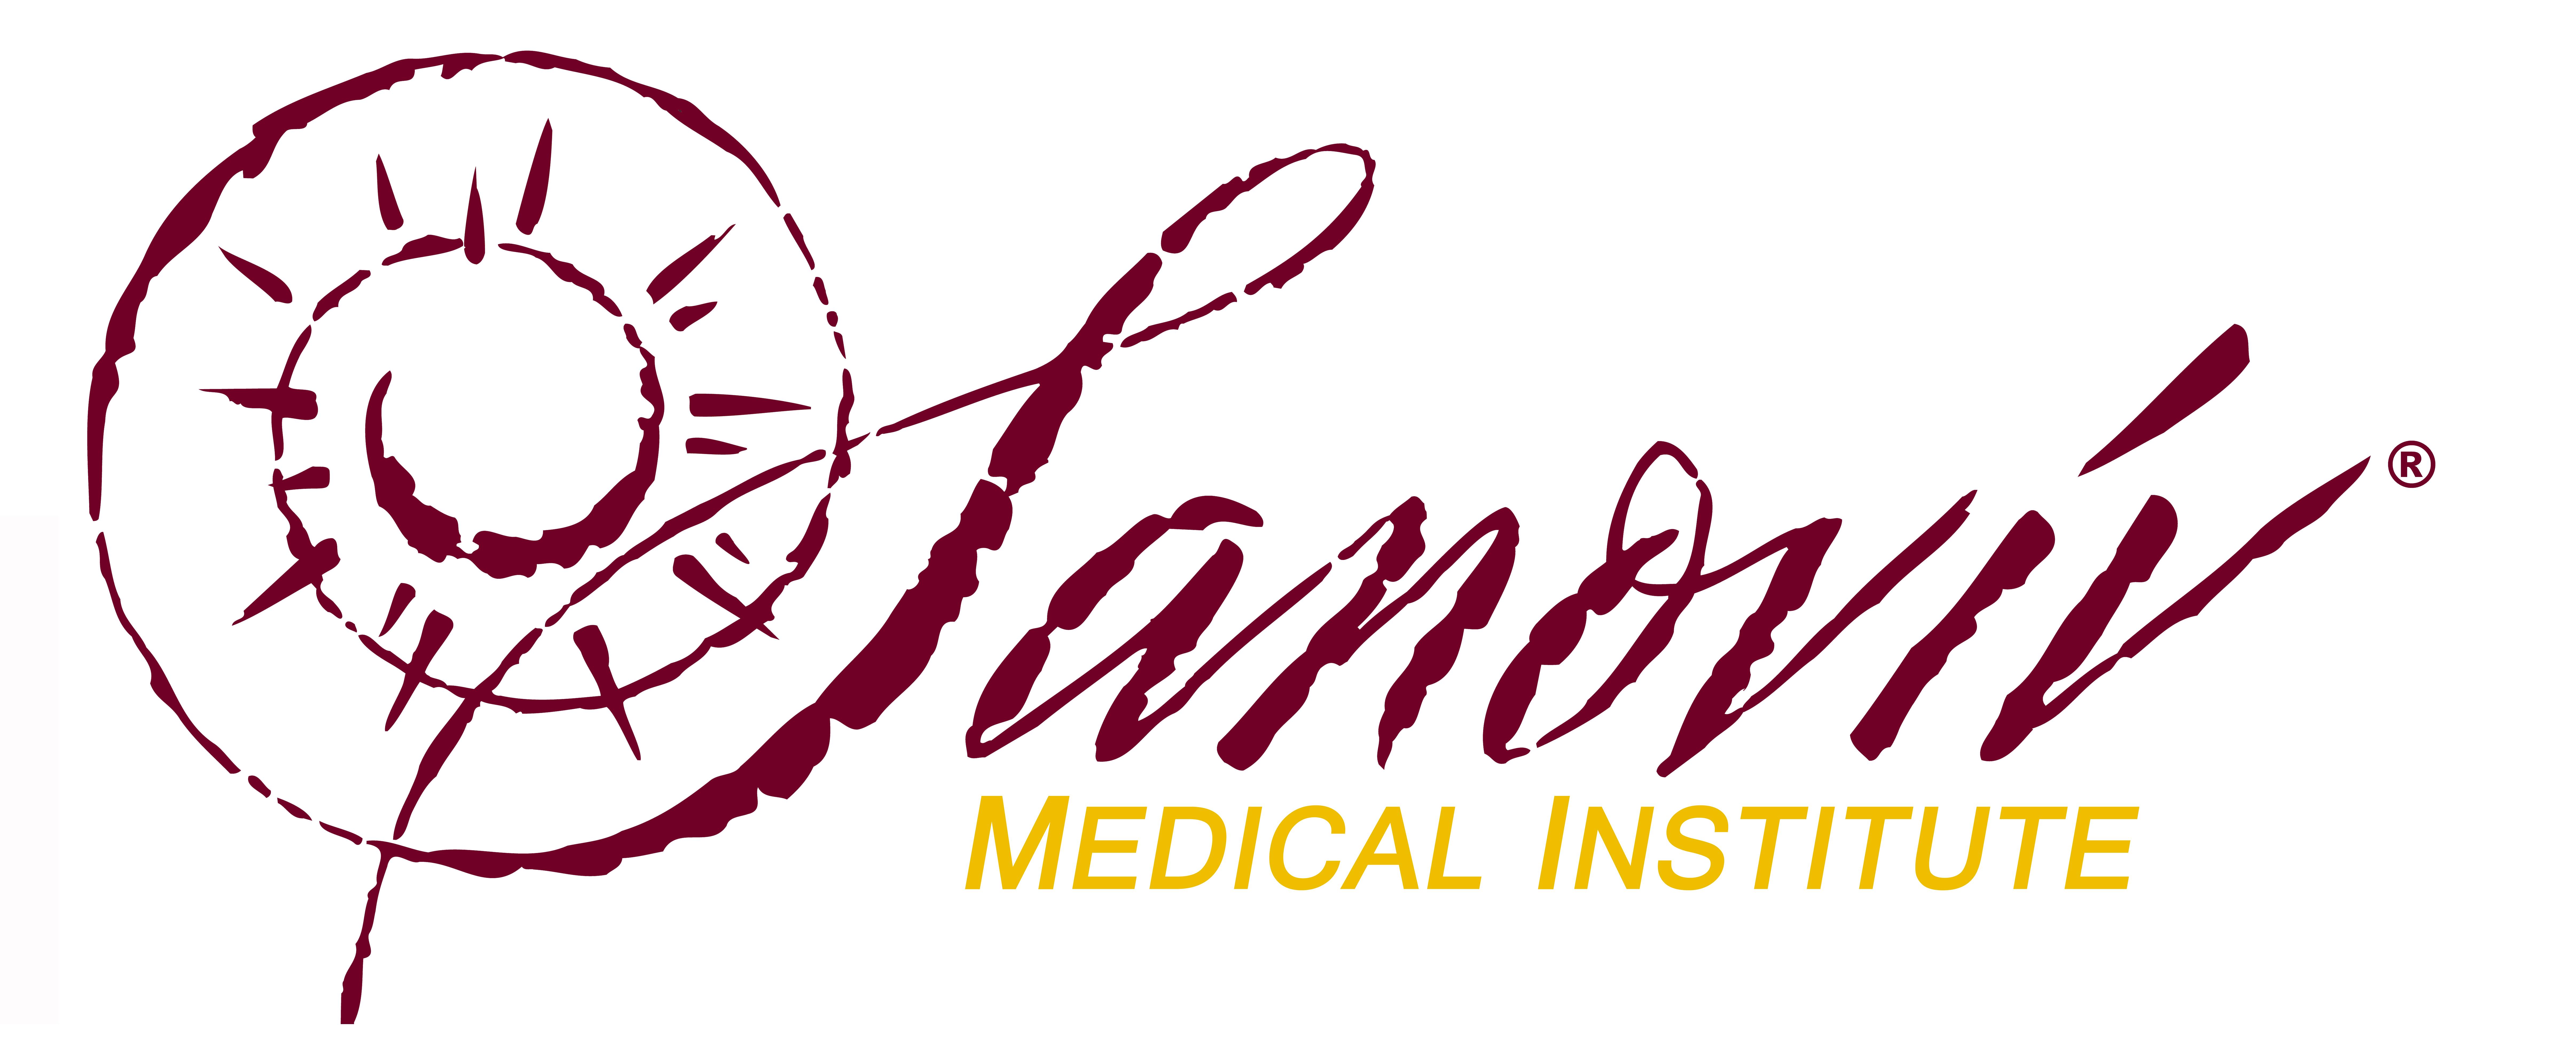 https://www.ilads.org/wp-content/uploads/2019/01/Sanoviv-Logo.jpg